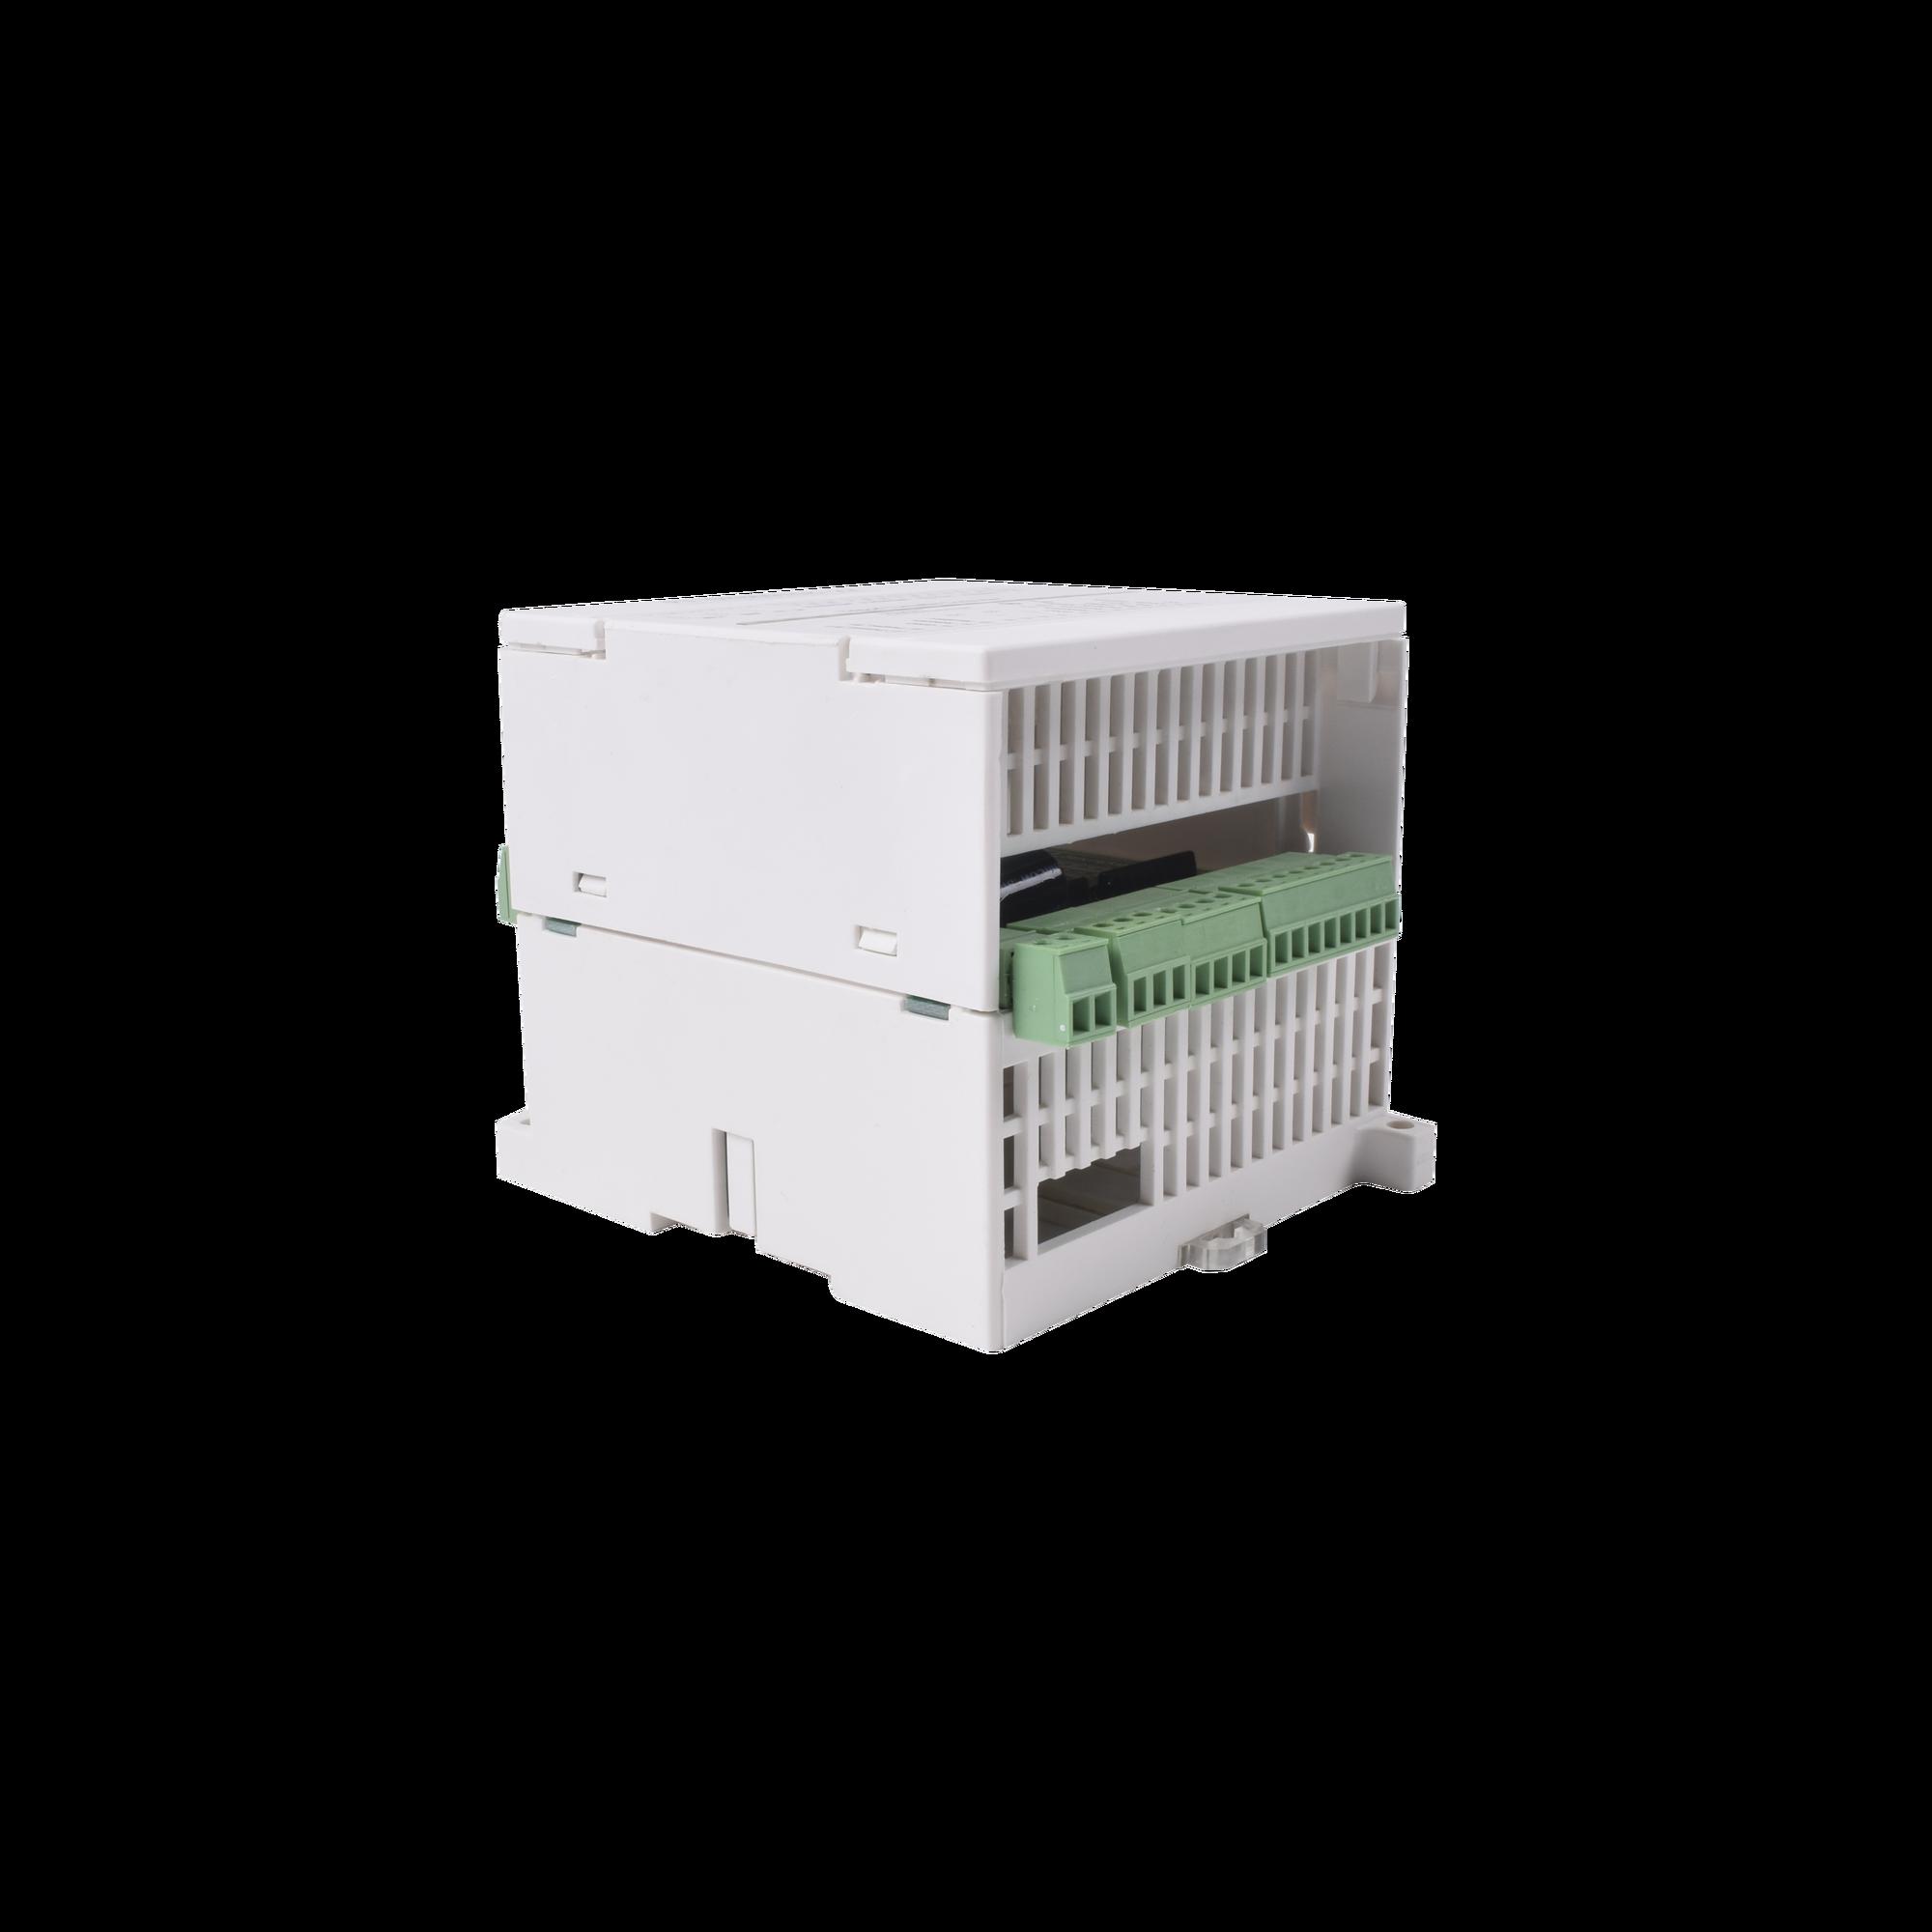 Cuadro de mando de refaccion compatible con torniquetes de cuerpo completo Industrial By AccessPRO